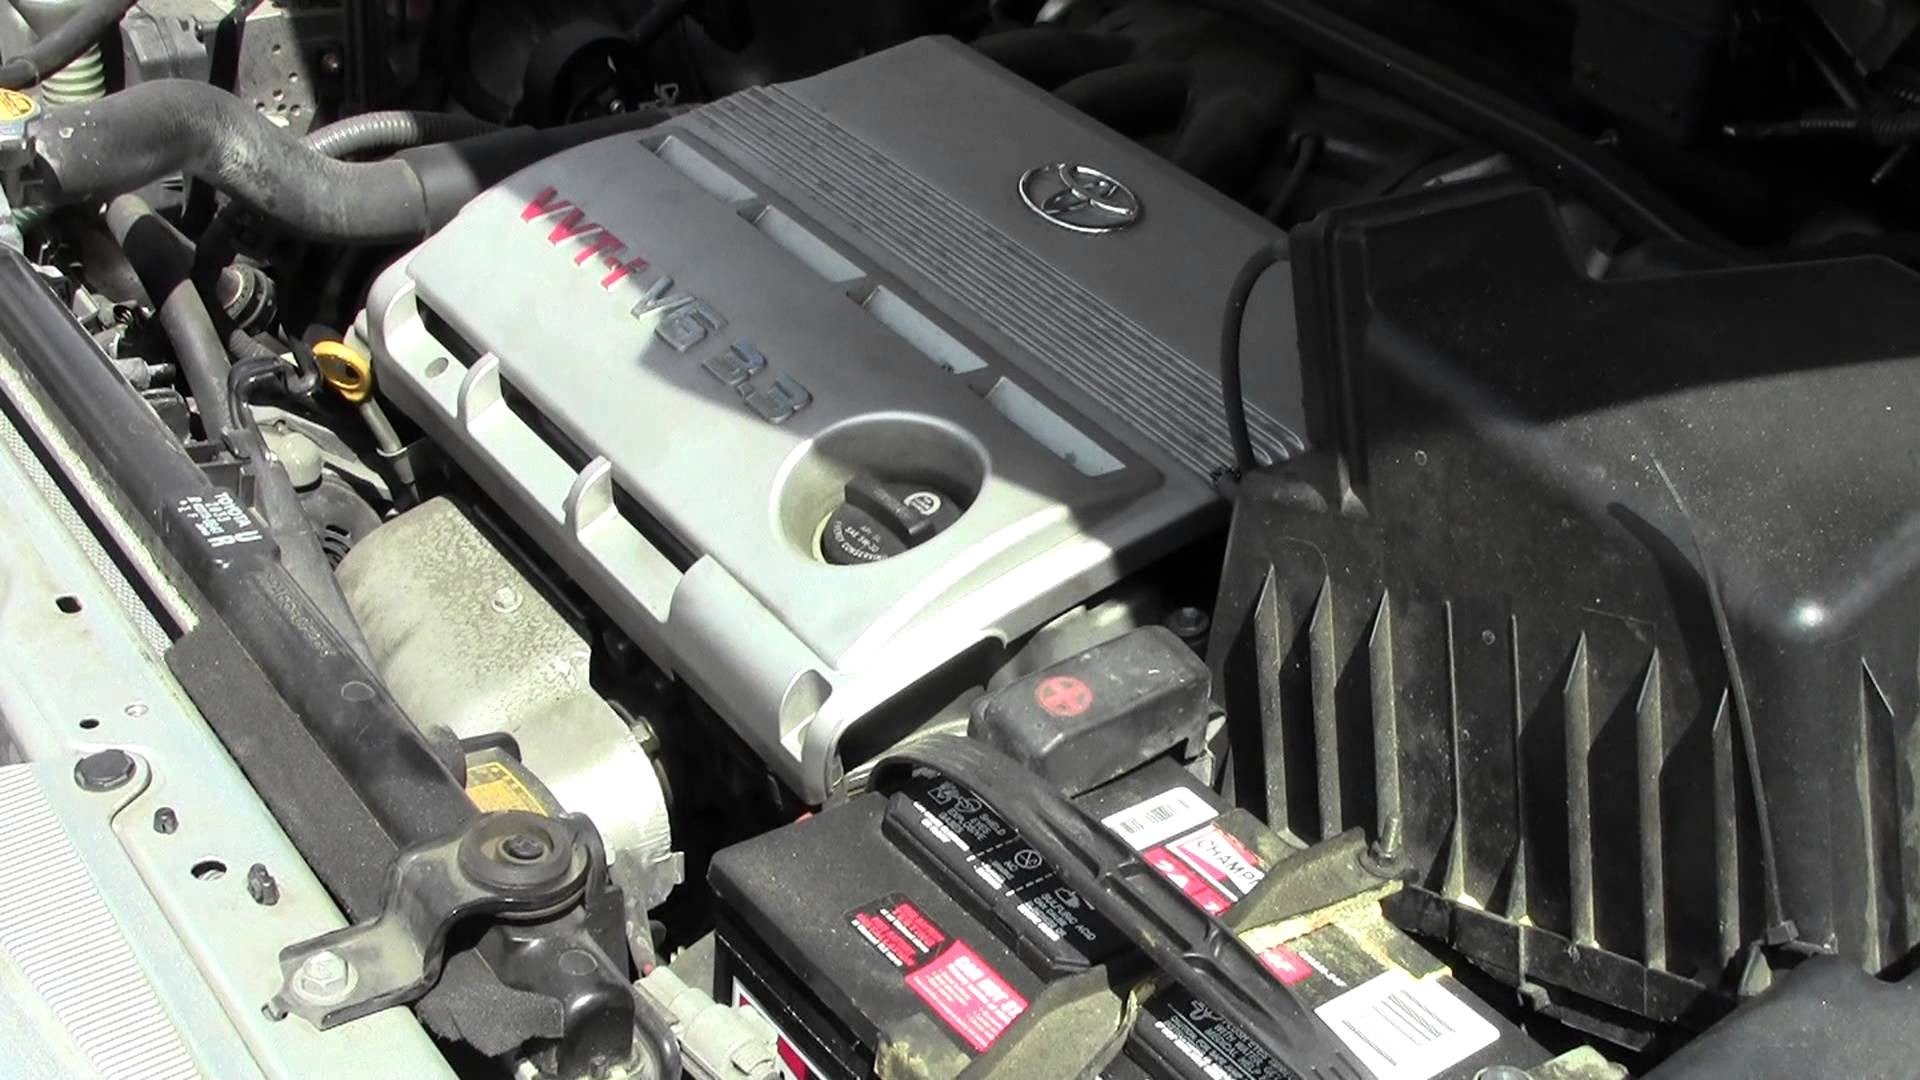 2006 toyota Avalon Engine Diagram 2004 toyota Highlander Bad Engine or Transmission Mount Of 2006 toyota Avalon Engine Diagram